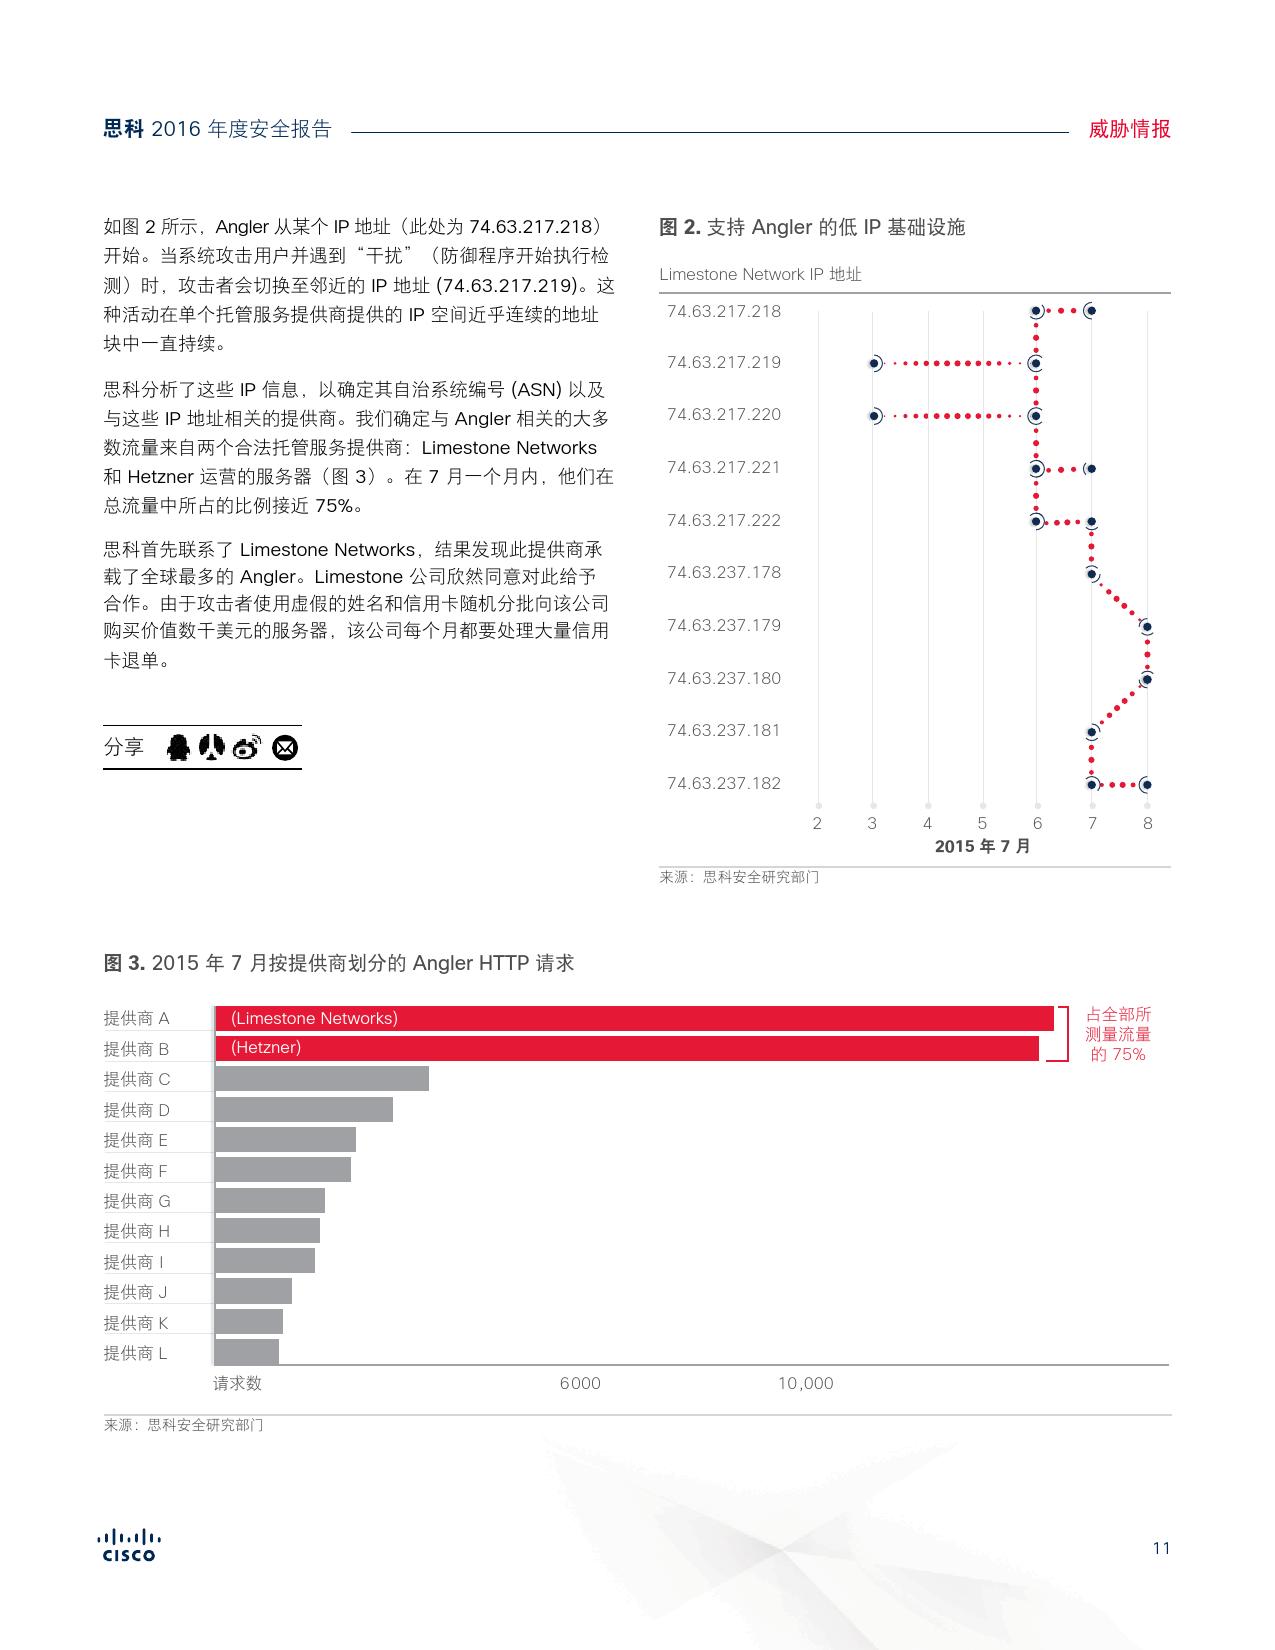 2016年中网络安全报告_000011